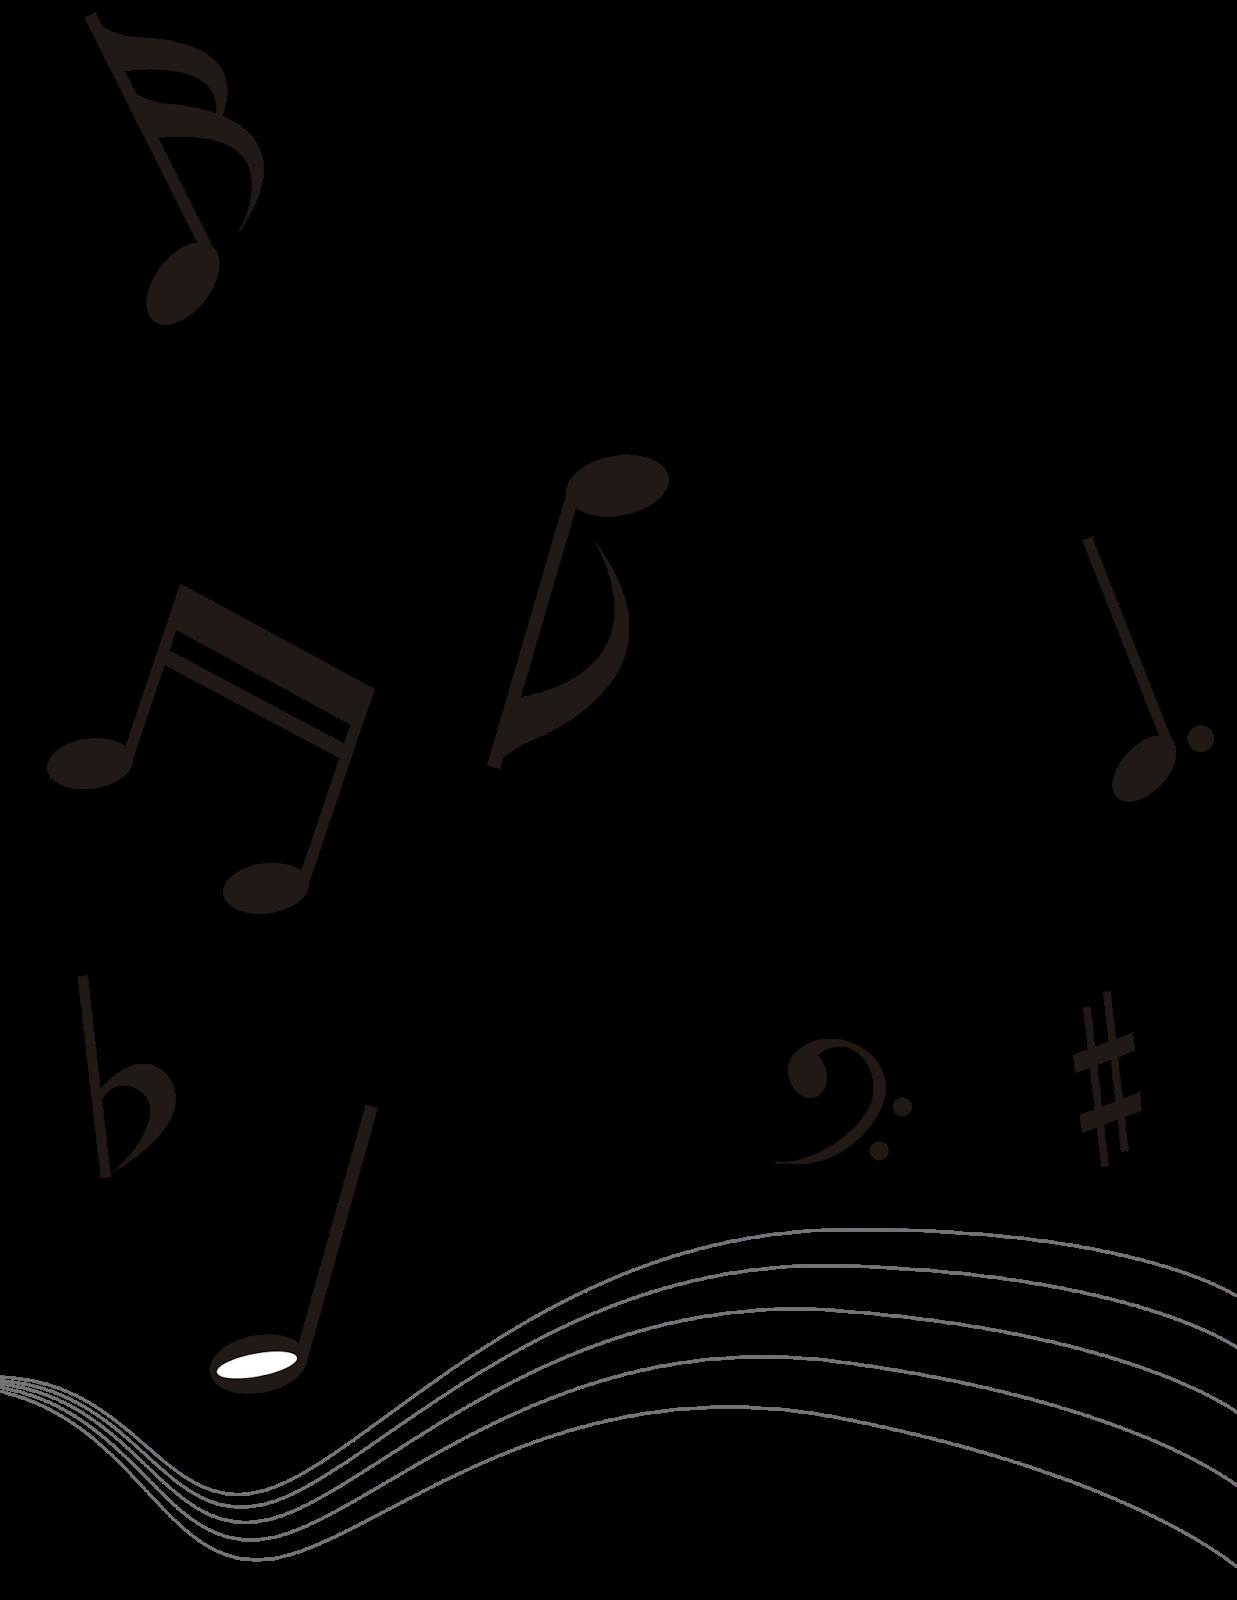 Cosas en PNG: Notas musicales